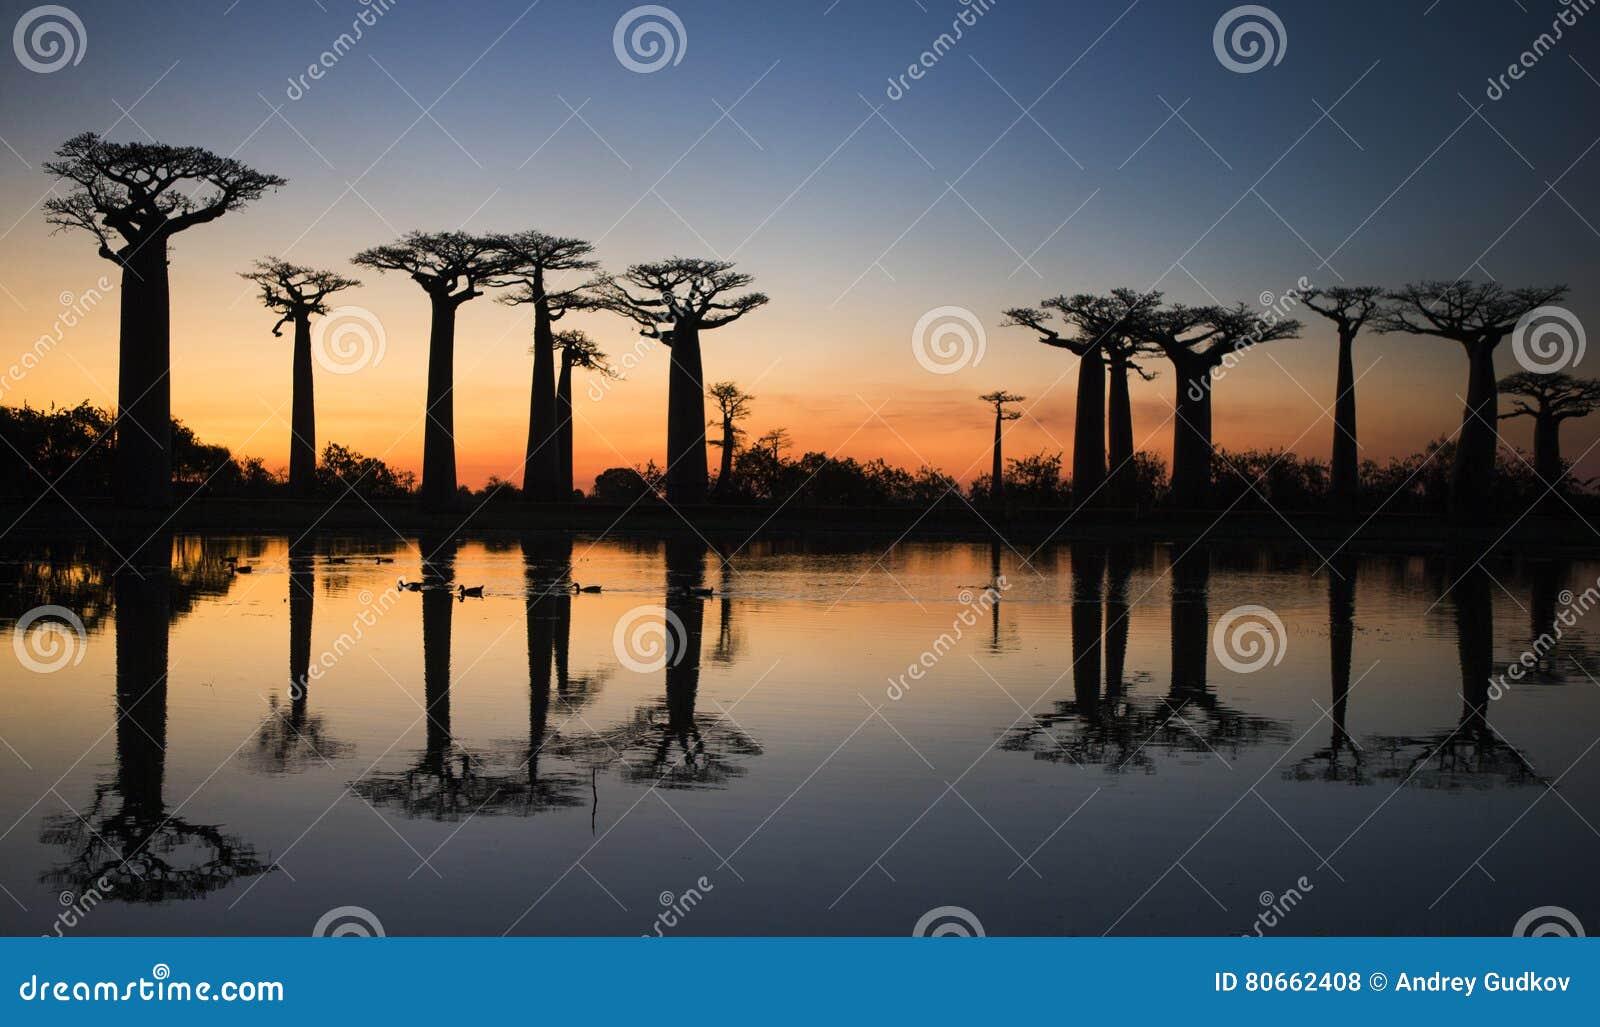 Baobabs på soluppgång nära vattnet med reflexion madagascar